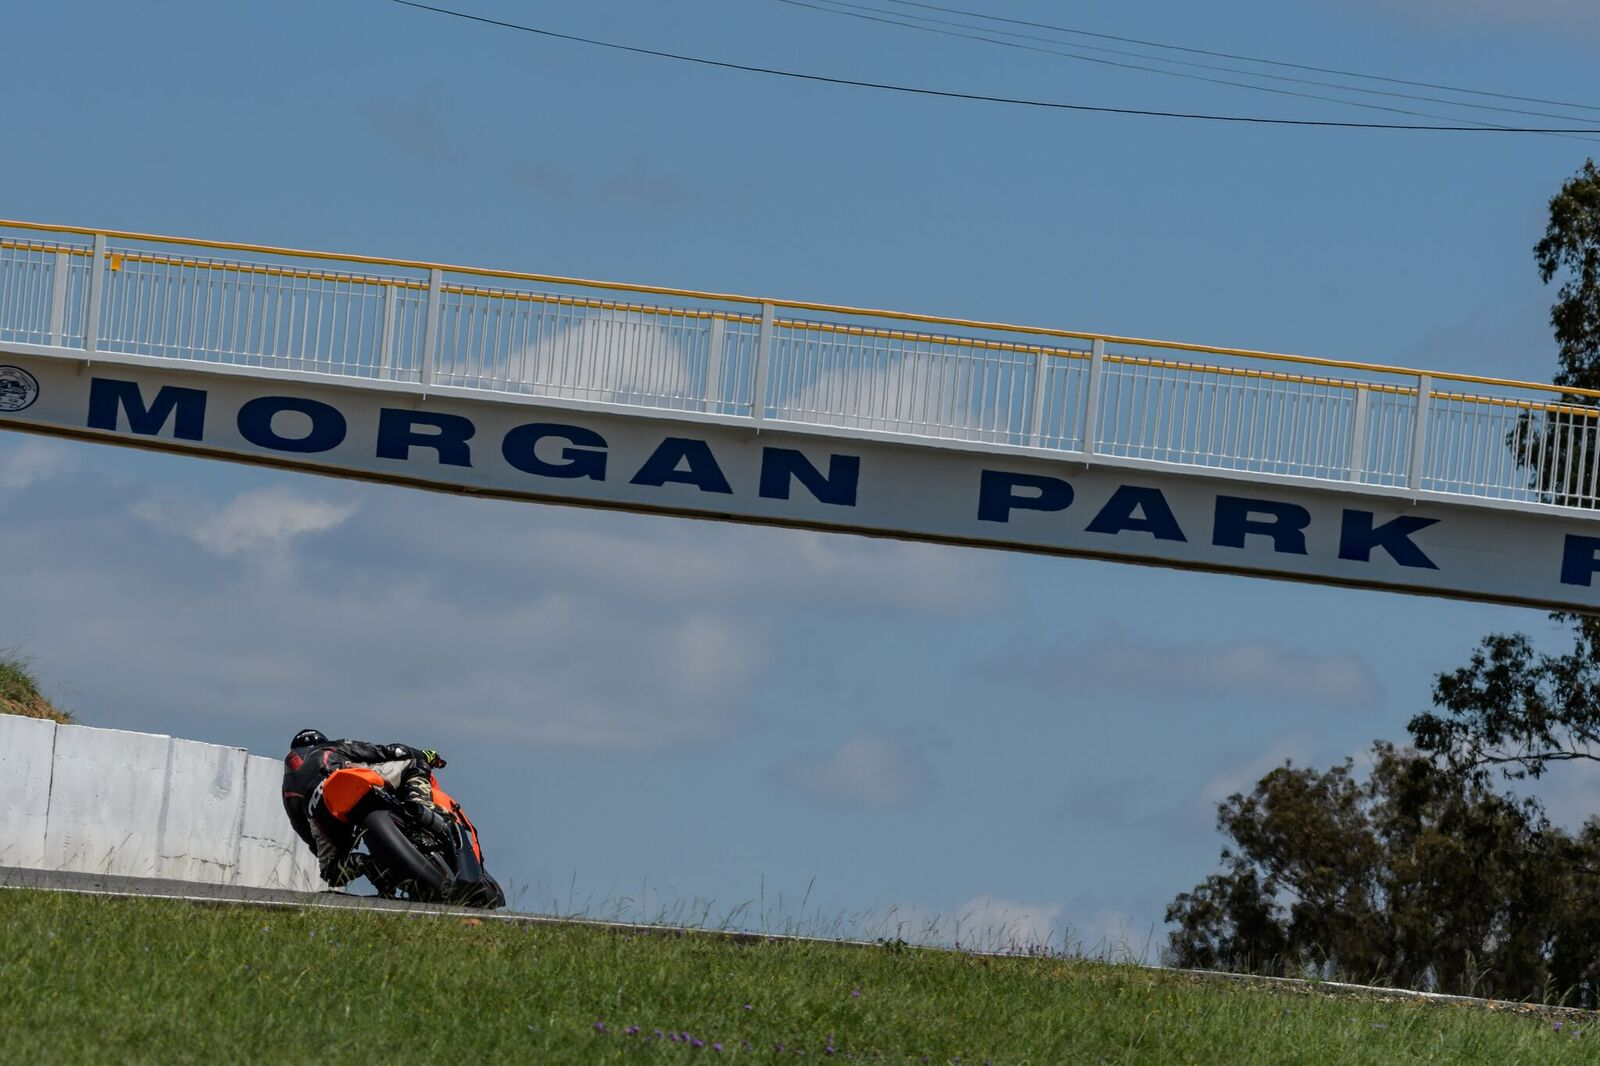 Morgan Park Raceway